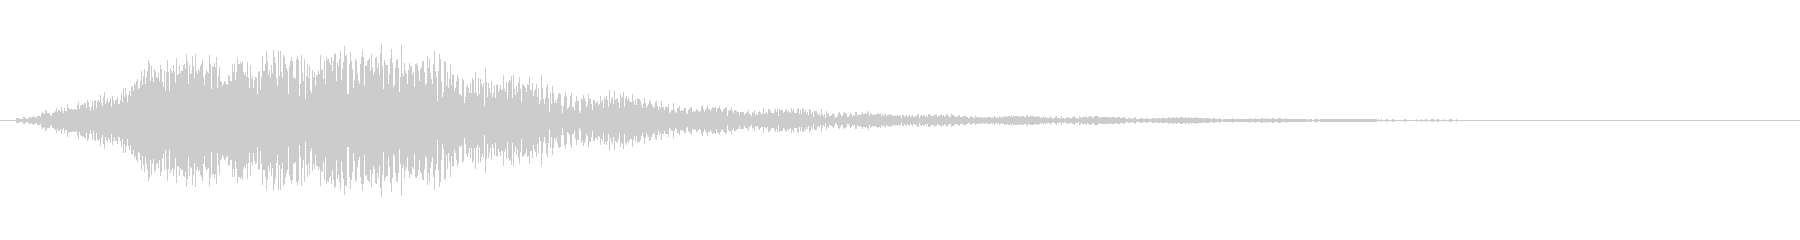 ハープ:ビッグ・デセンディング・グ...の未再生の波形